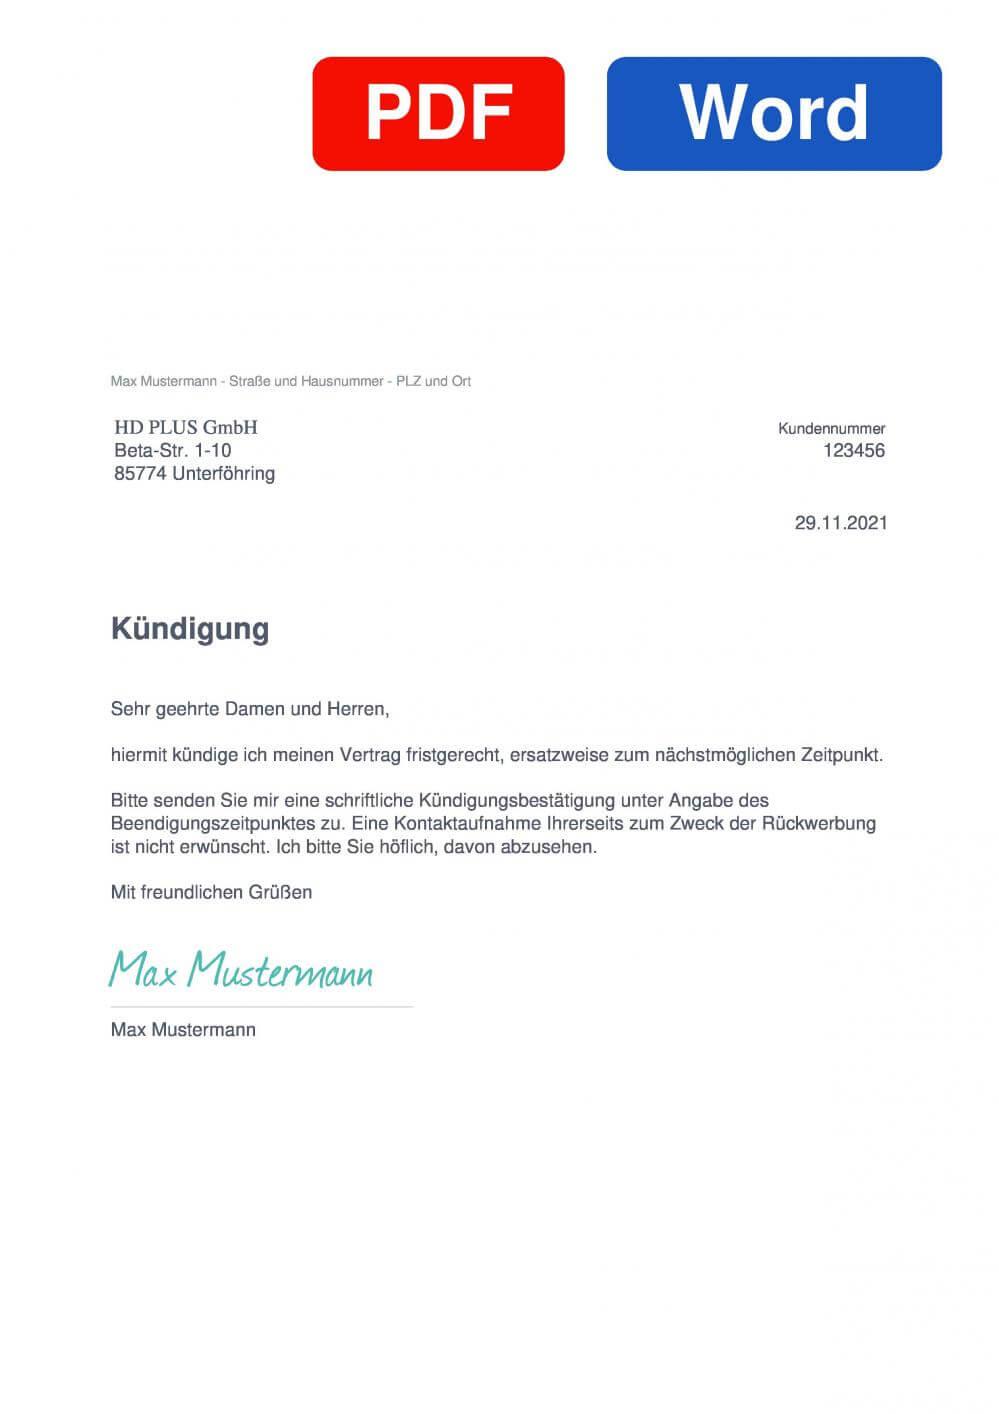 HD PLUS GmbH Muster Vorlage für Kündigungsschreiben